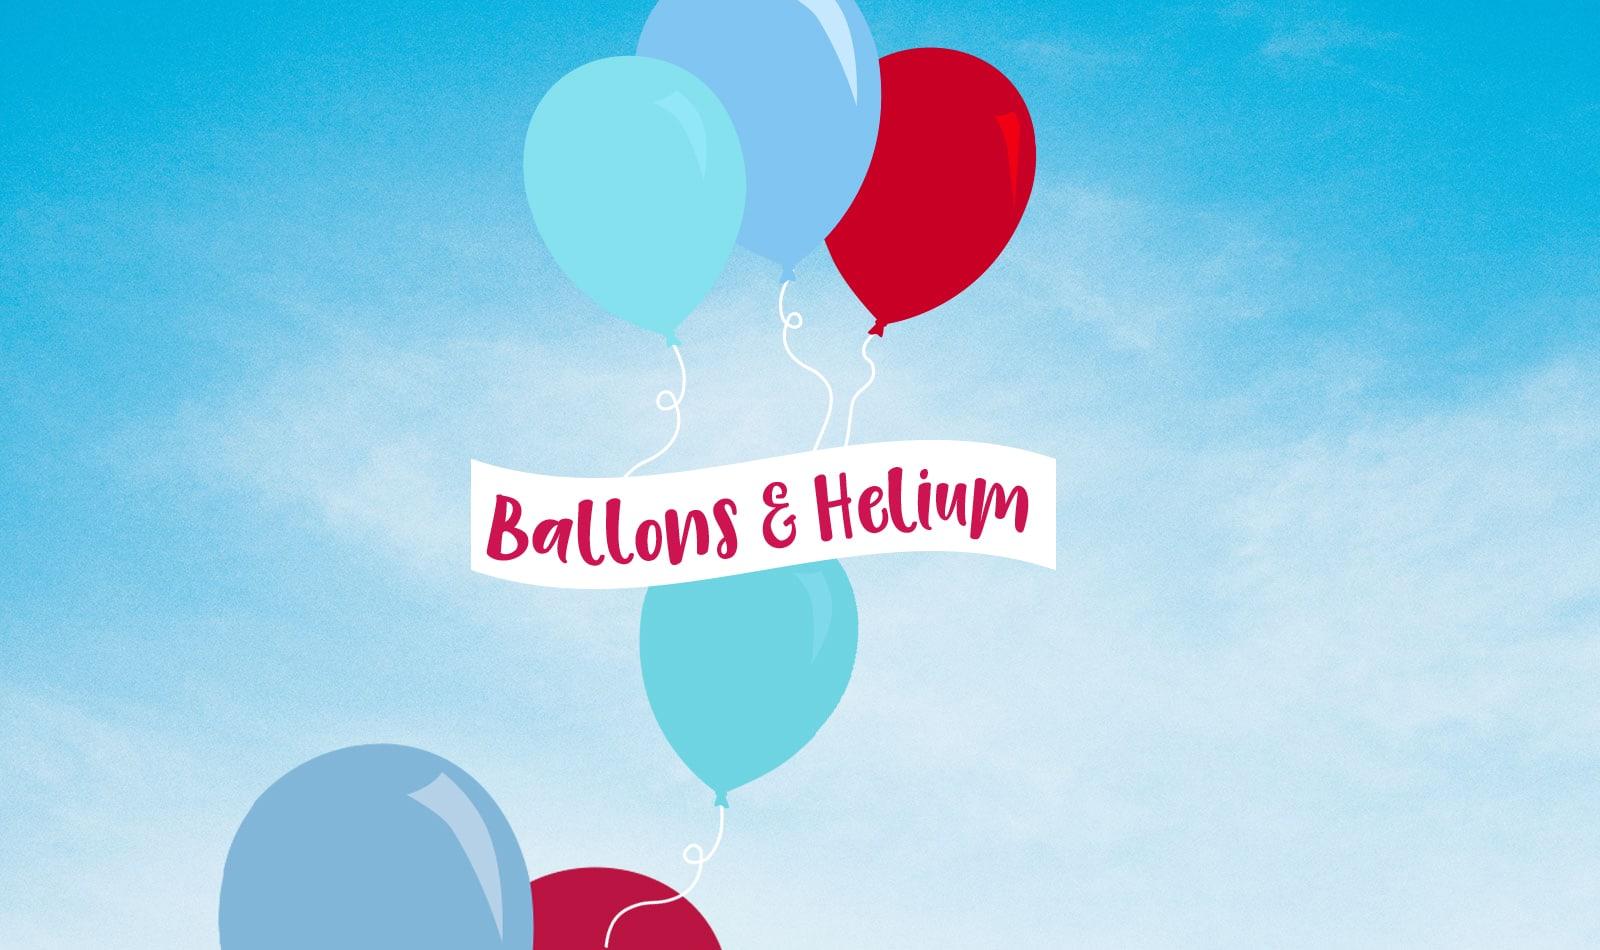 Urlaub auf Ballonien